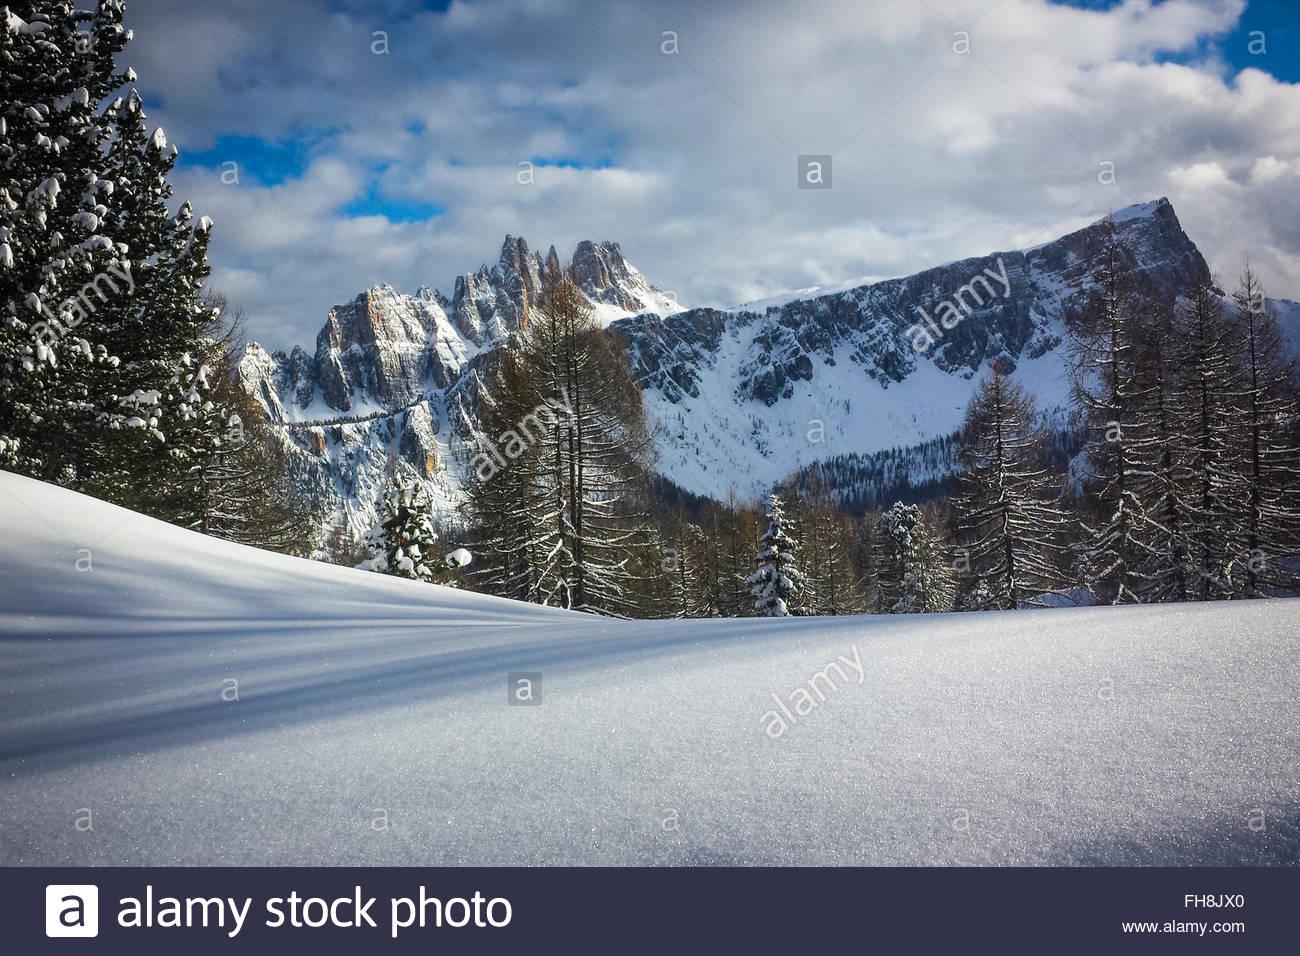 Dolomiti in winter - Stock Image